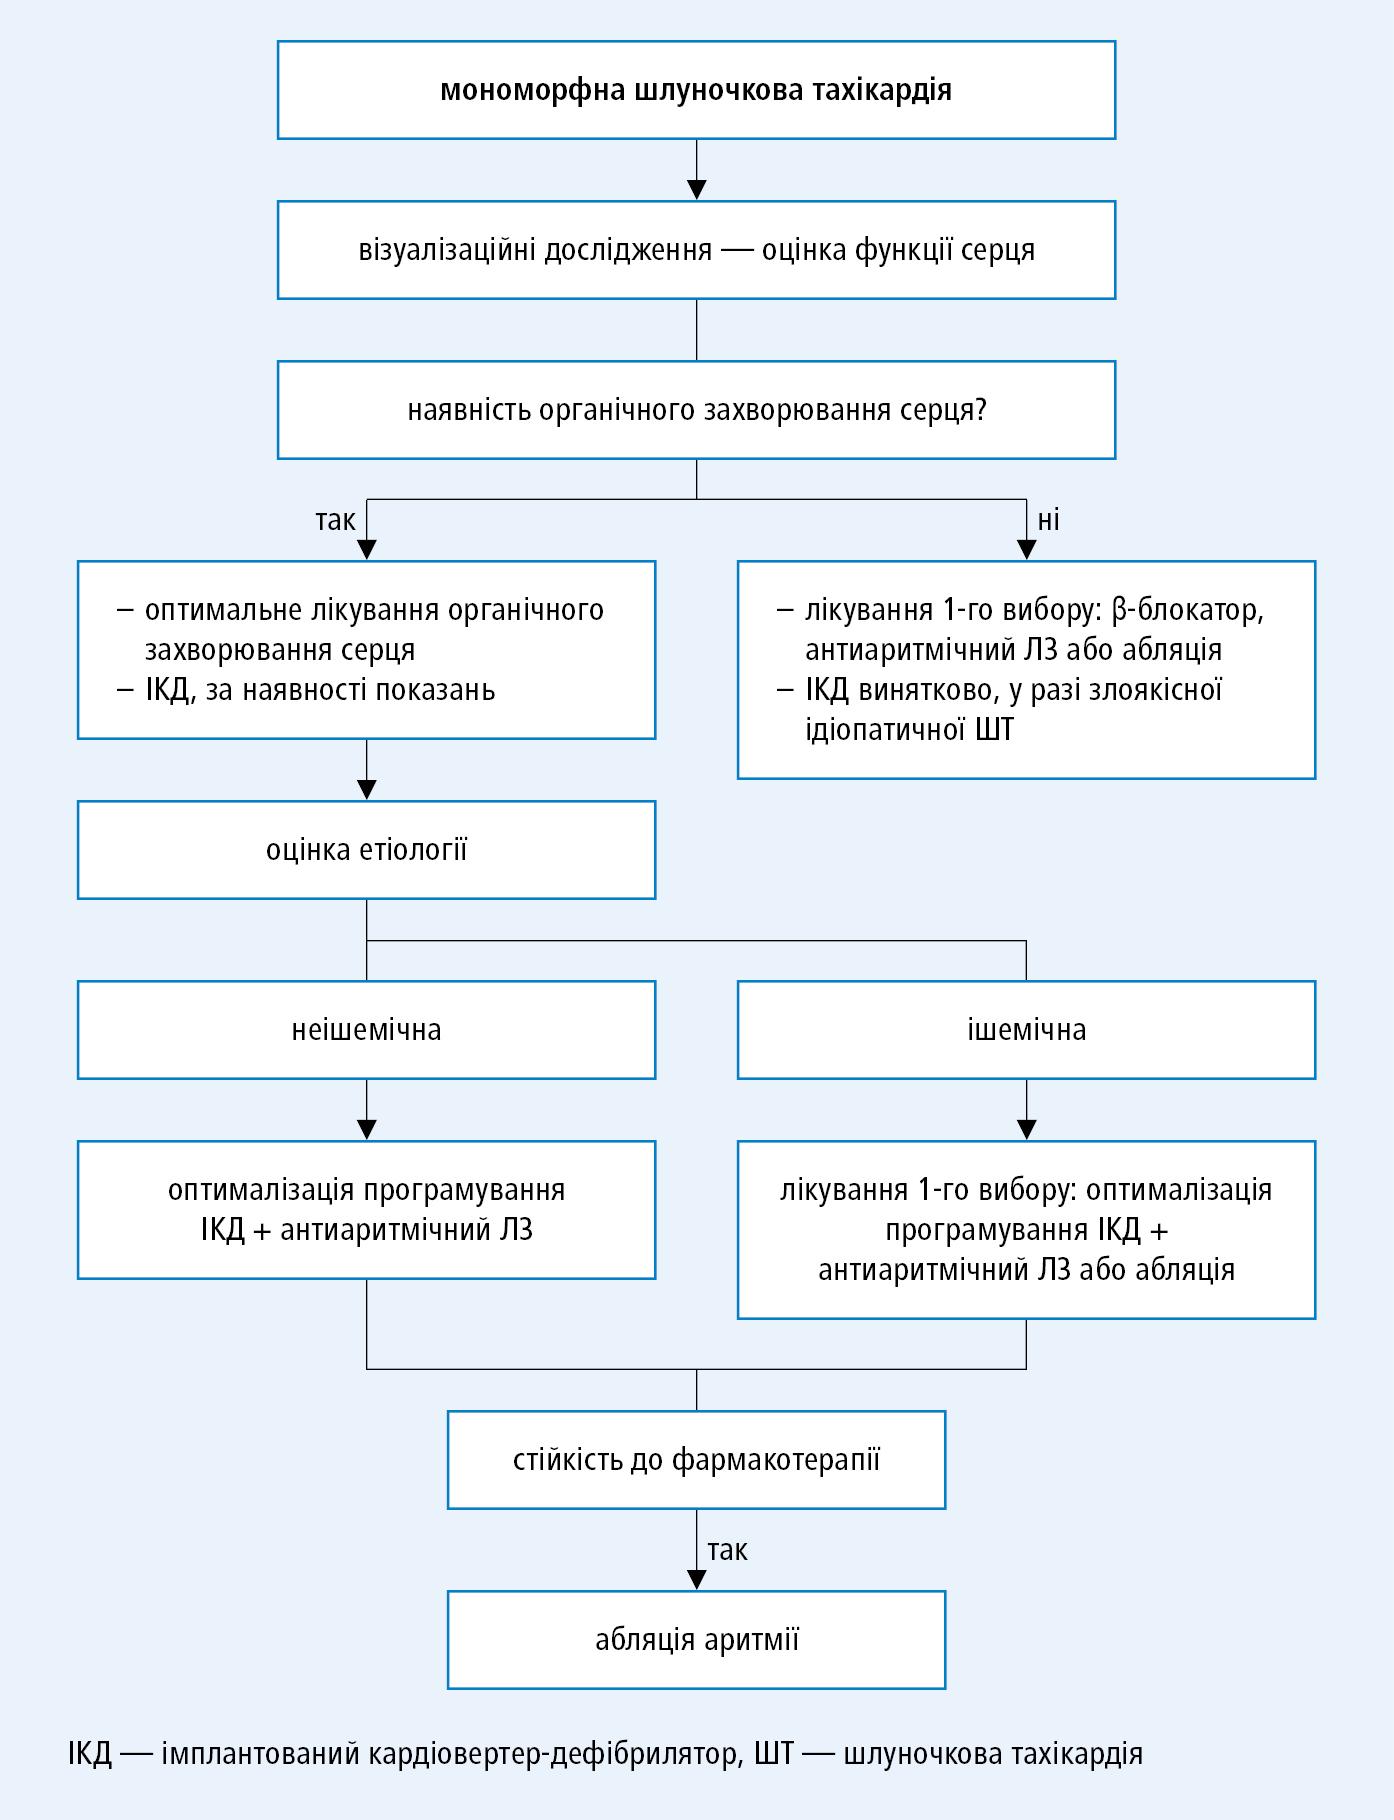 Тактика ухворого змономорфною шлуночковою тахікардією (на основі спільних рекомендацій EHRA, HRS таAPHRS, модифіковано)